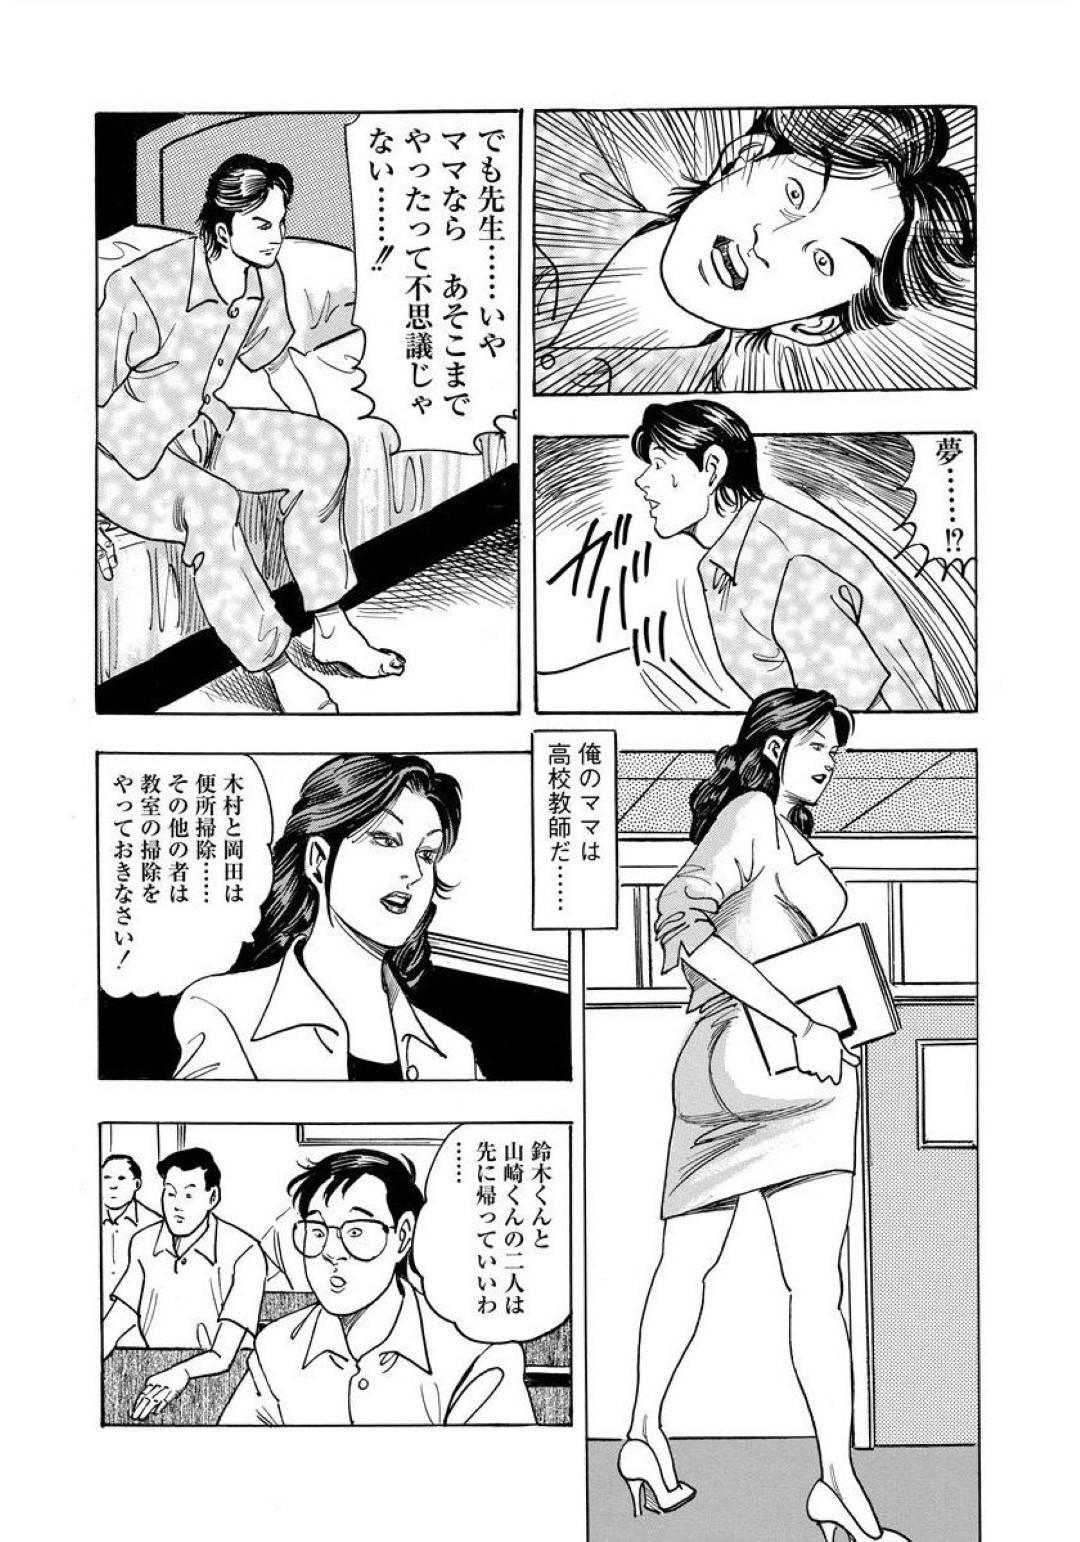 逆レイプにフェラしちゃう女王なドS女…逆騎乗位の中出しセックスでトロ顔でイチャイチャしちゃう!【紫れいか:女王の教膣】